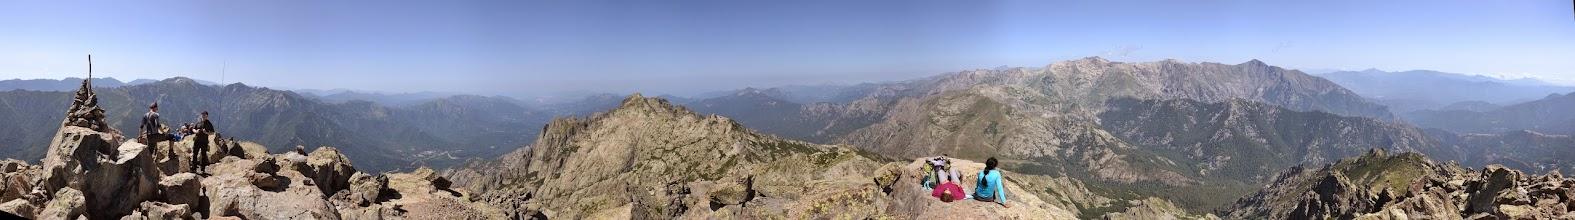 Photo: panorama z Monte d´Oro, vľavo vidno časť vrchola Monte d´Oro, v strede dolina rieky la Gravona a Pointe Migliarello /2254 m/, v pravej časti zľava Punta a e Porte /2313 m/, šikmý zub Paglia Orba /2525m/, A Maniccia /2496 m/, Punta Mufrena /2950 m/, Monte Rotondo /2622 m/, Petra Niella /2345 m/, Punta Felicina /2437 m/ a  Monte Cardo /2453 m/